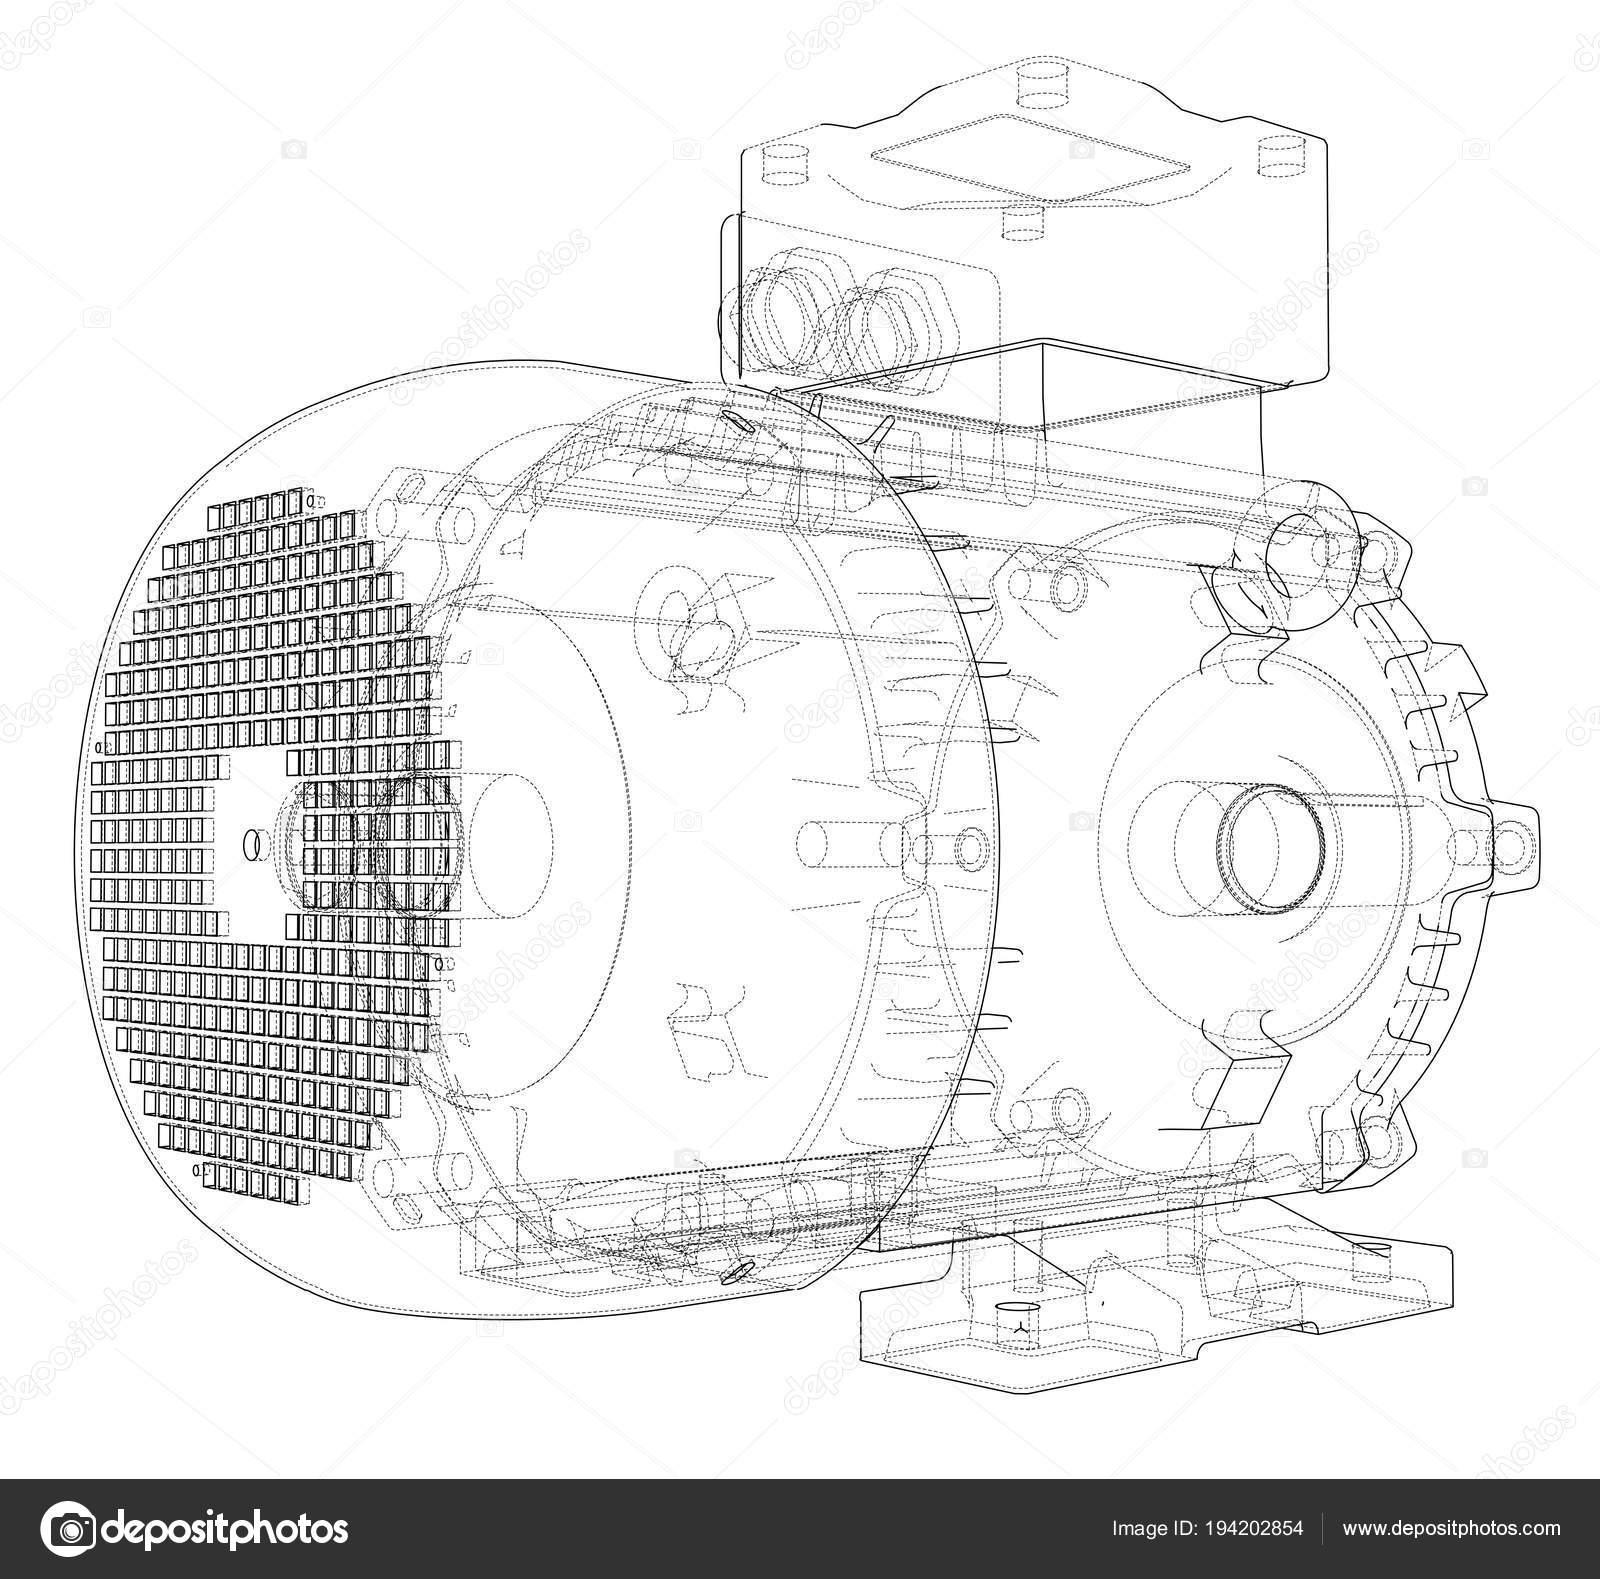 Contorno de motor eltrico vector vetores de stock cherezoff contorno de motor eltrico vector vetores de stock ccuart Choice Image